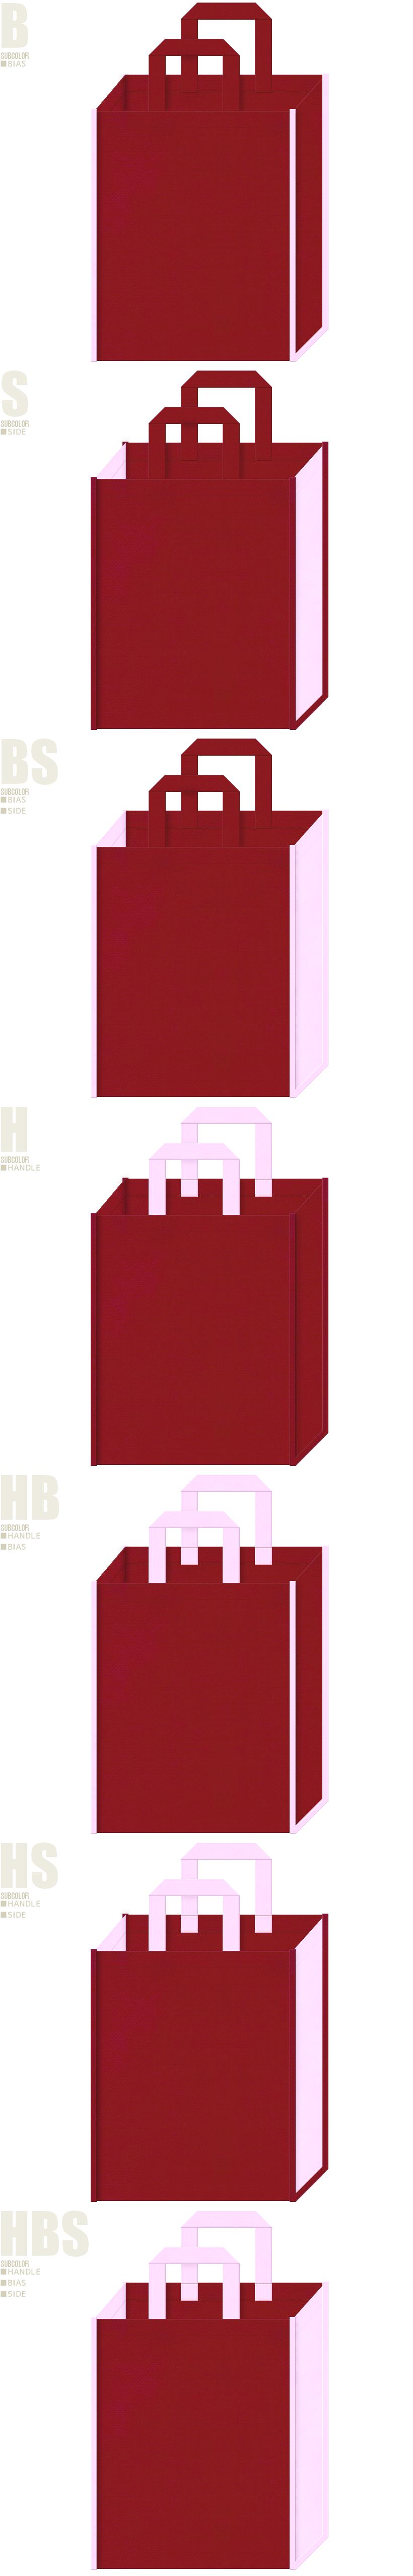 ゲーム・お姫様・むかし話・着物・振袖・成人式・ひな祭り・写真館・学校・和風催事の記念品にお奨めの不織布バッグデザイン:エンジ色と明るいピンク色の配色7パターン